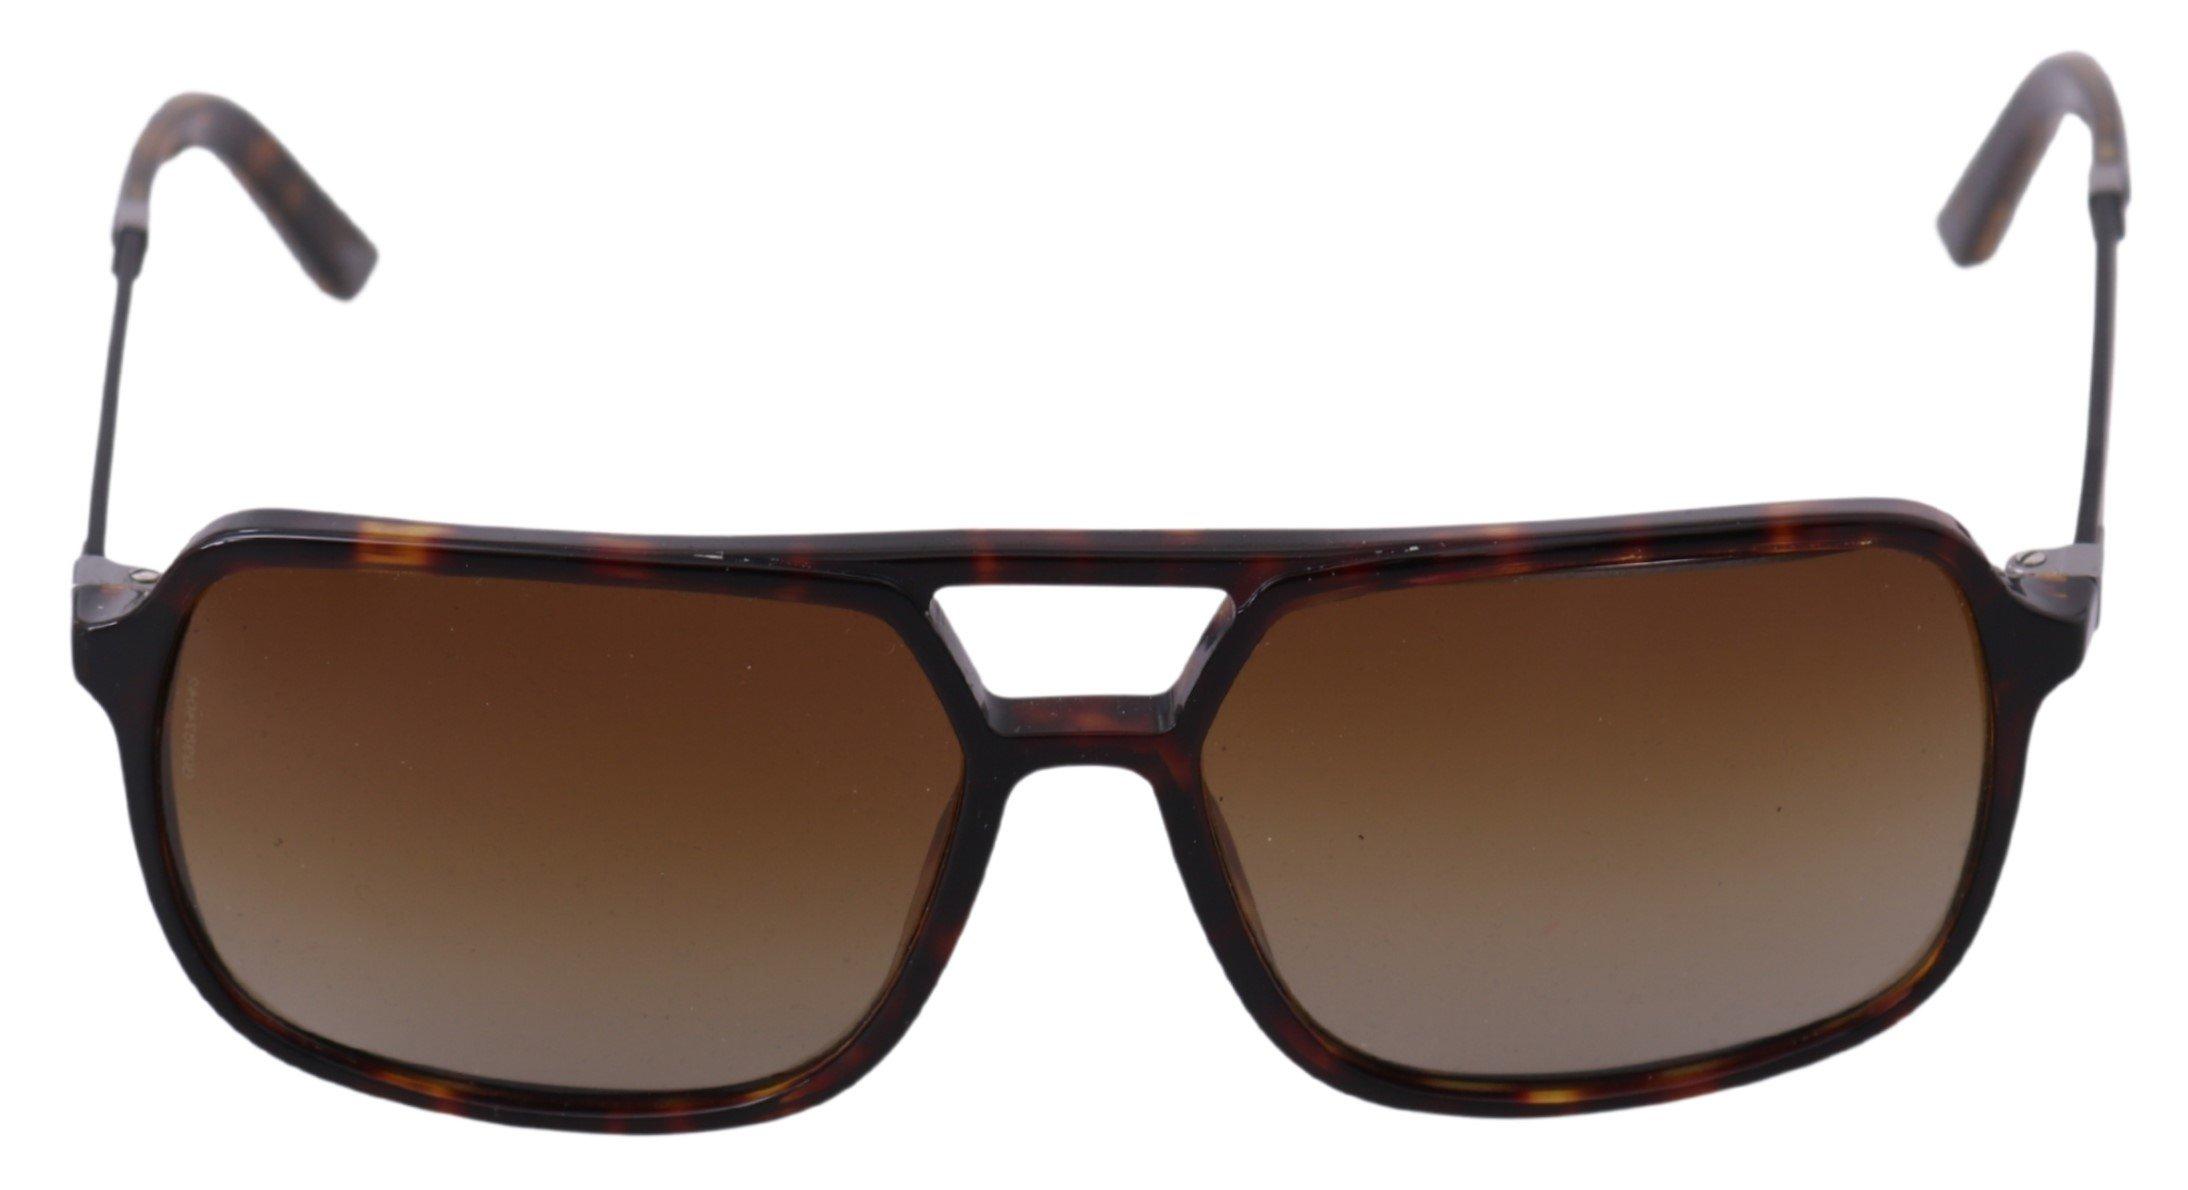 Dolce & Gabbana Women's Leopard Basalto Aviator Sunglasses Brown GLA760